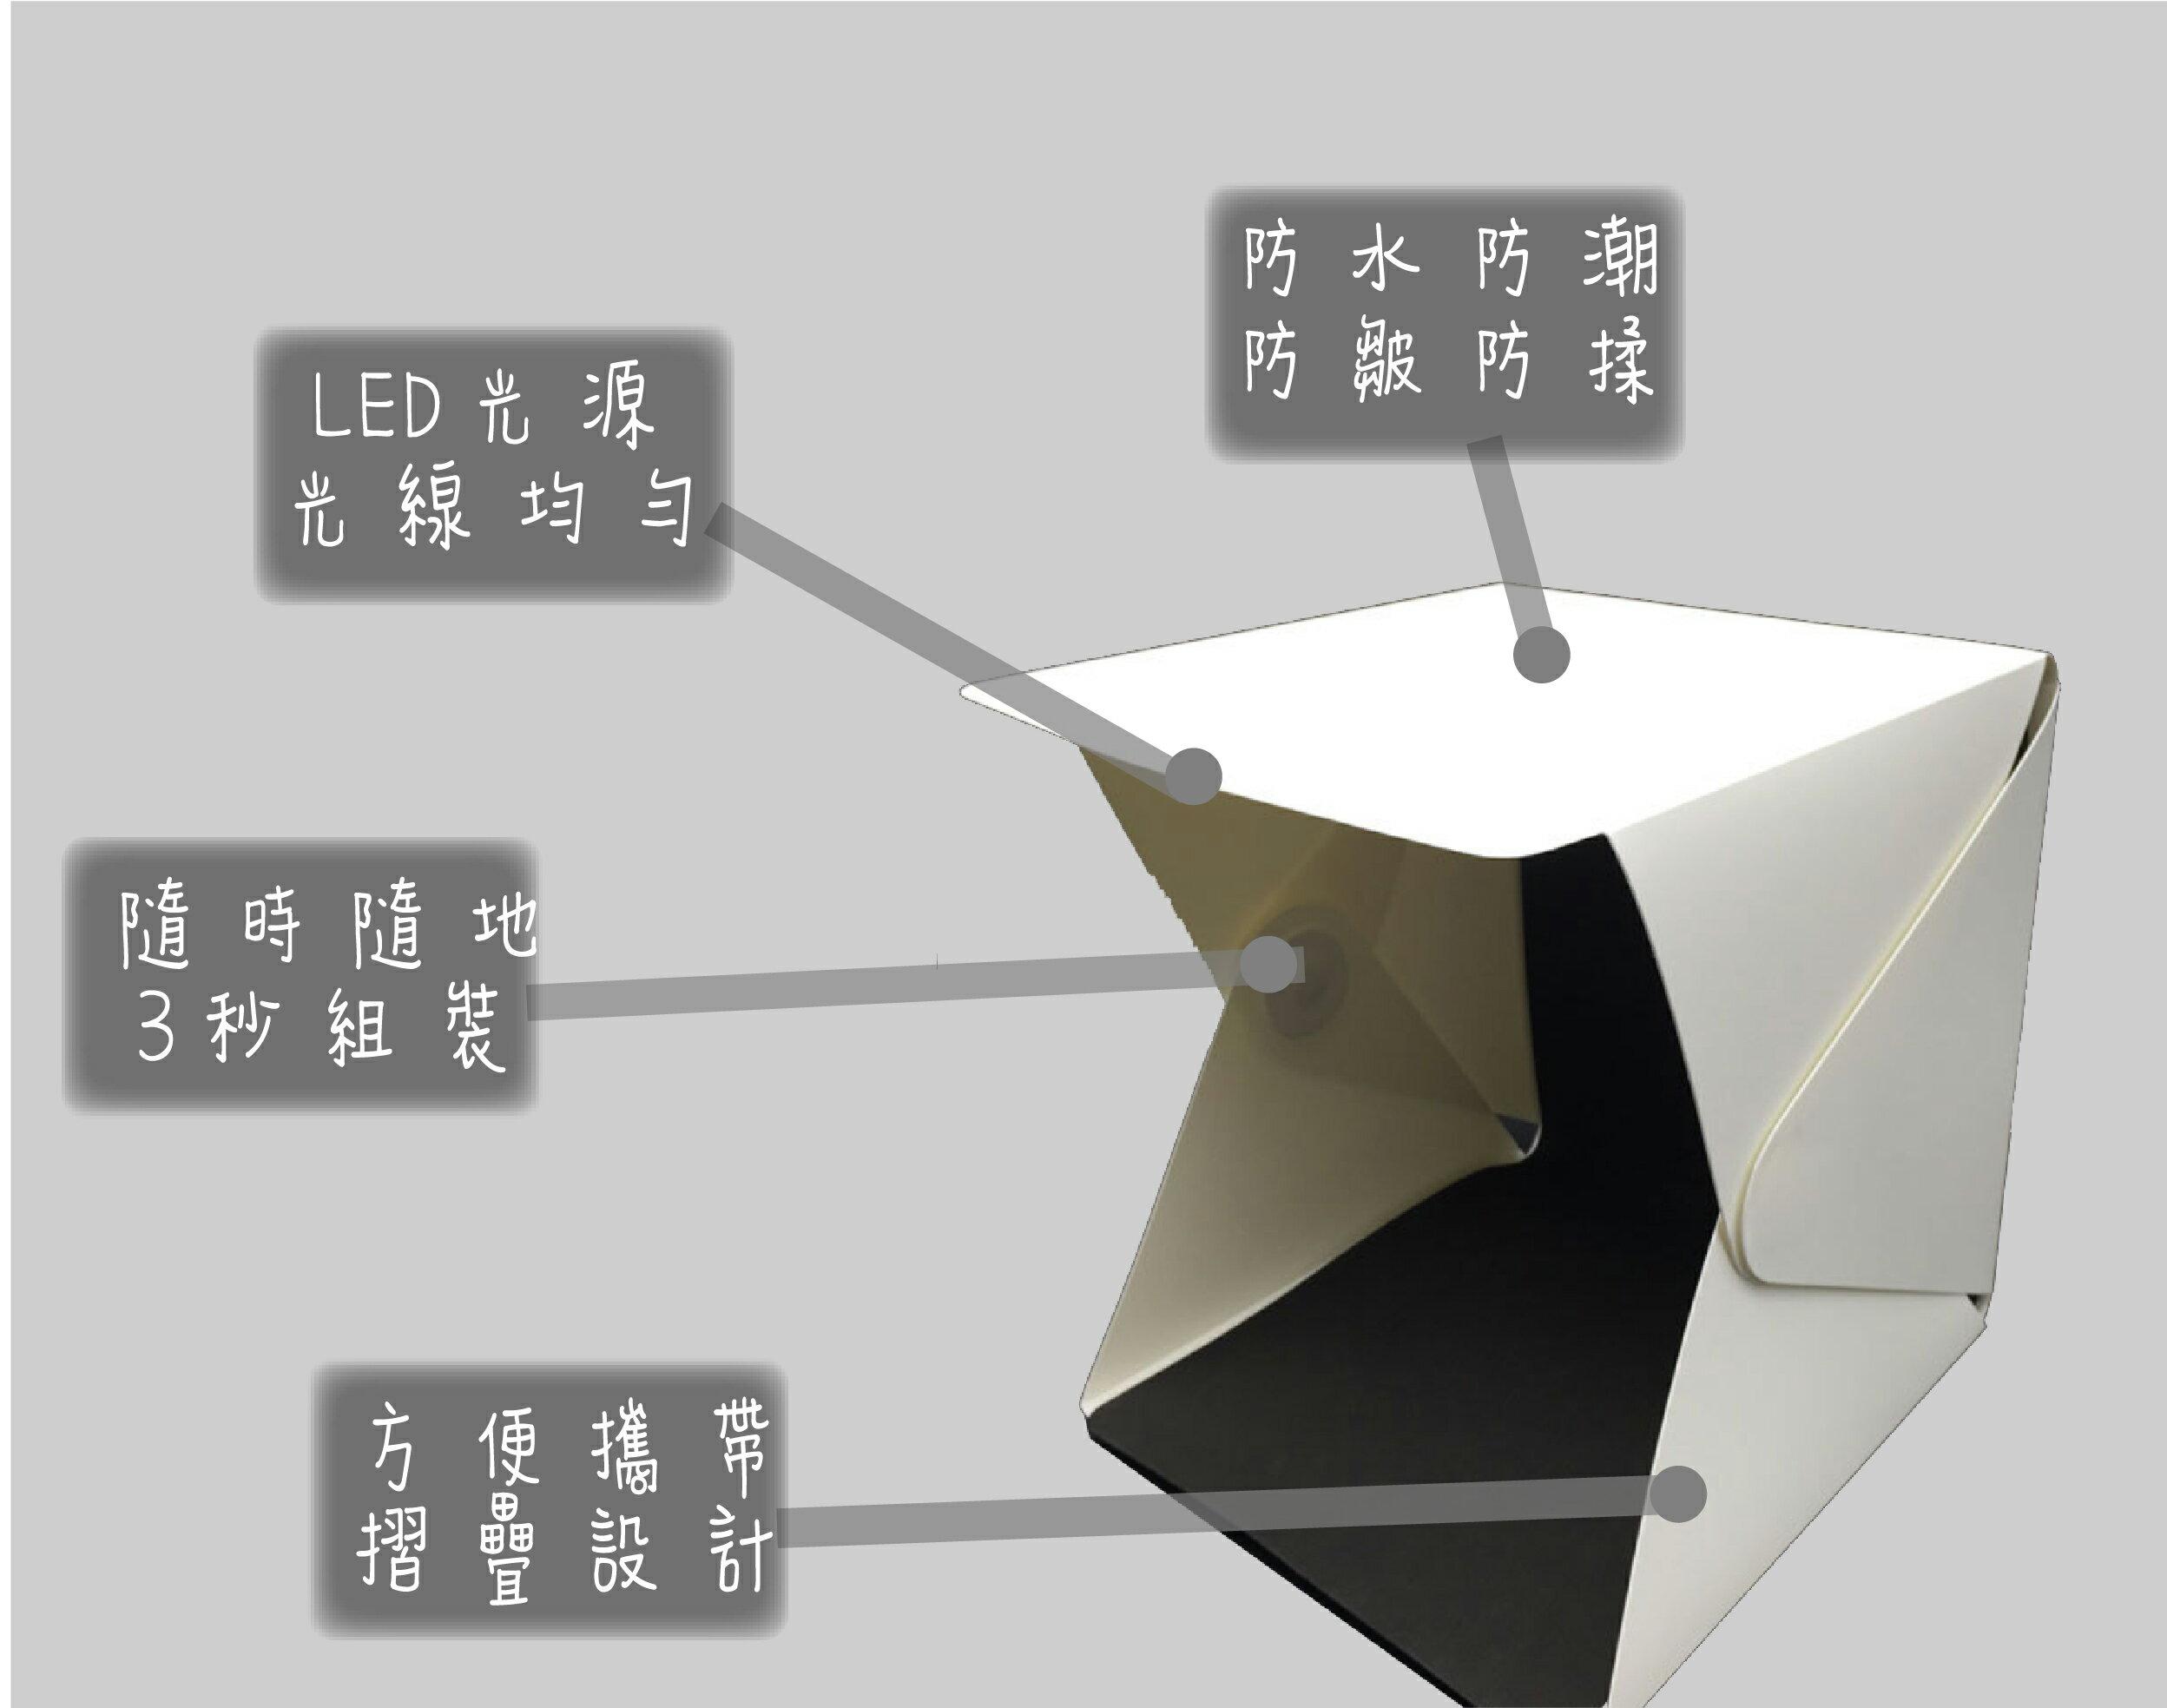 全新4代LED便攜攝影棚、40公分大體積攝影棚、小型攝影棚、隨身攝影棚、攝影燈